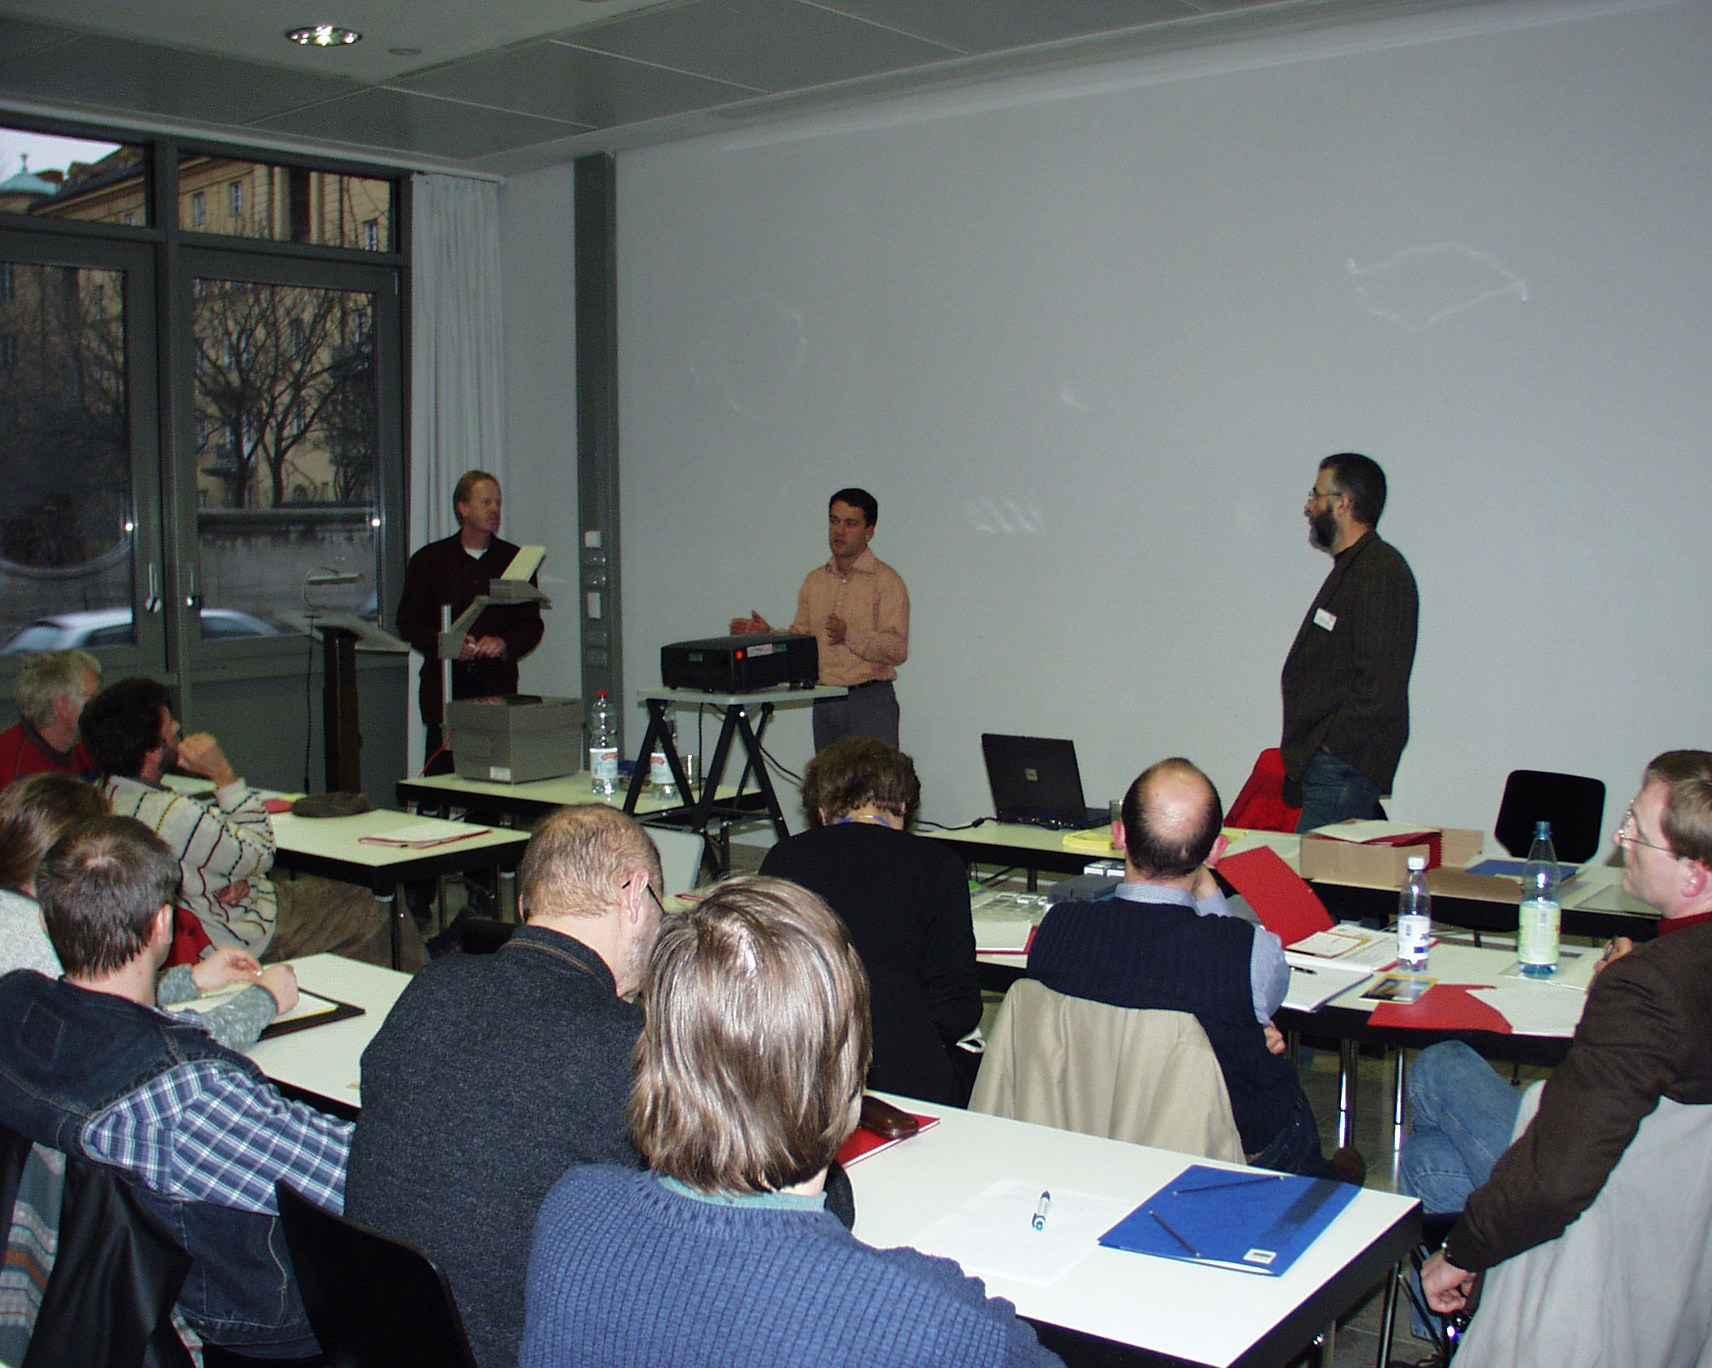 2. Restauratorentag, München, Vortrag in der Fachgruppe Technisches Kulturgut. Foto: Kornelius Goetz